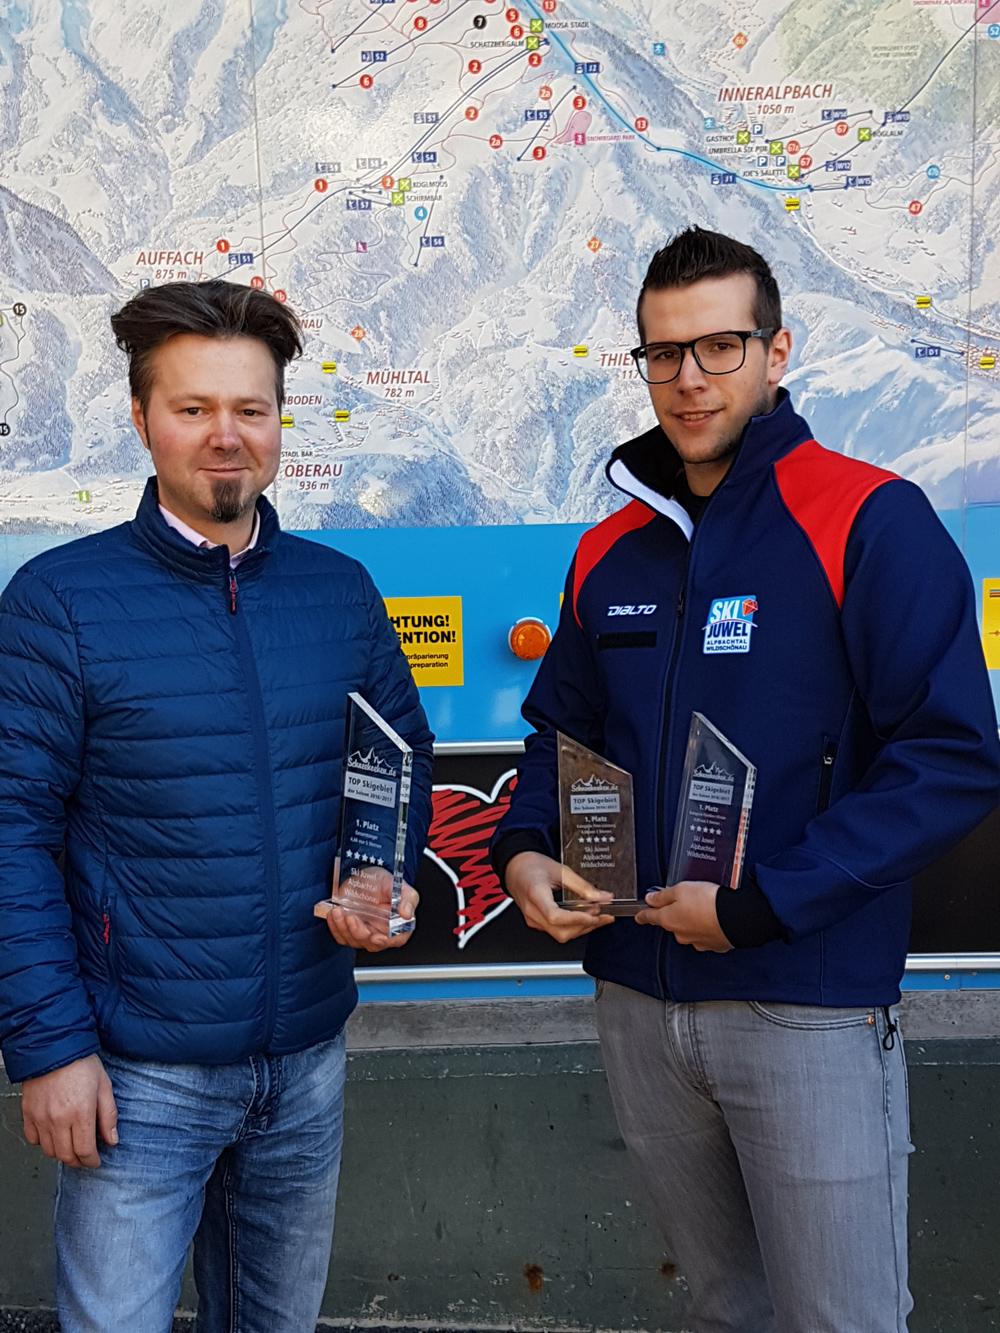 Preisübergabe an Stefan Leitner vom SkiJuwel Alpbachtal Wildschönau